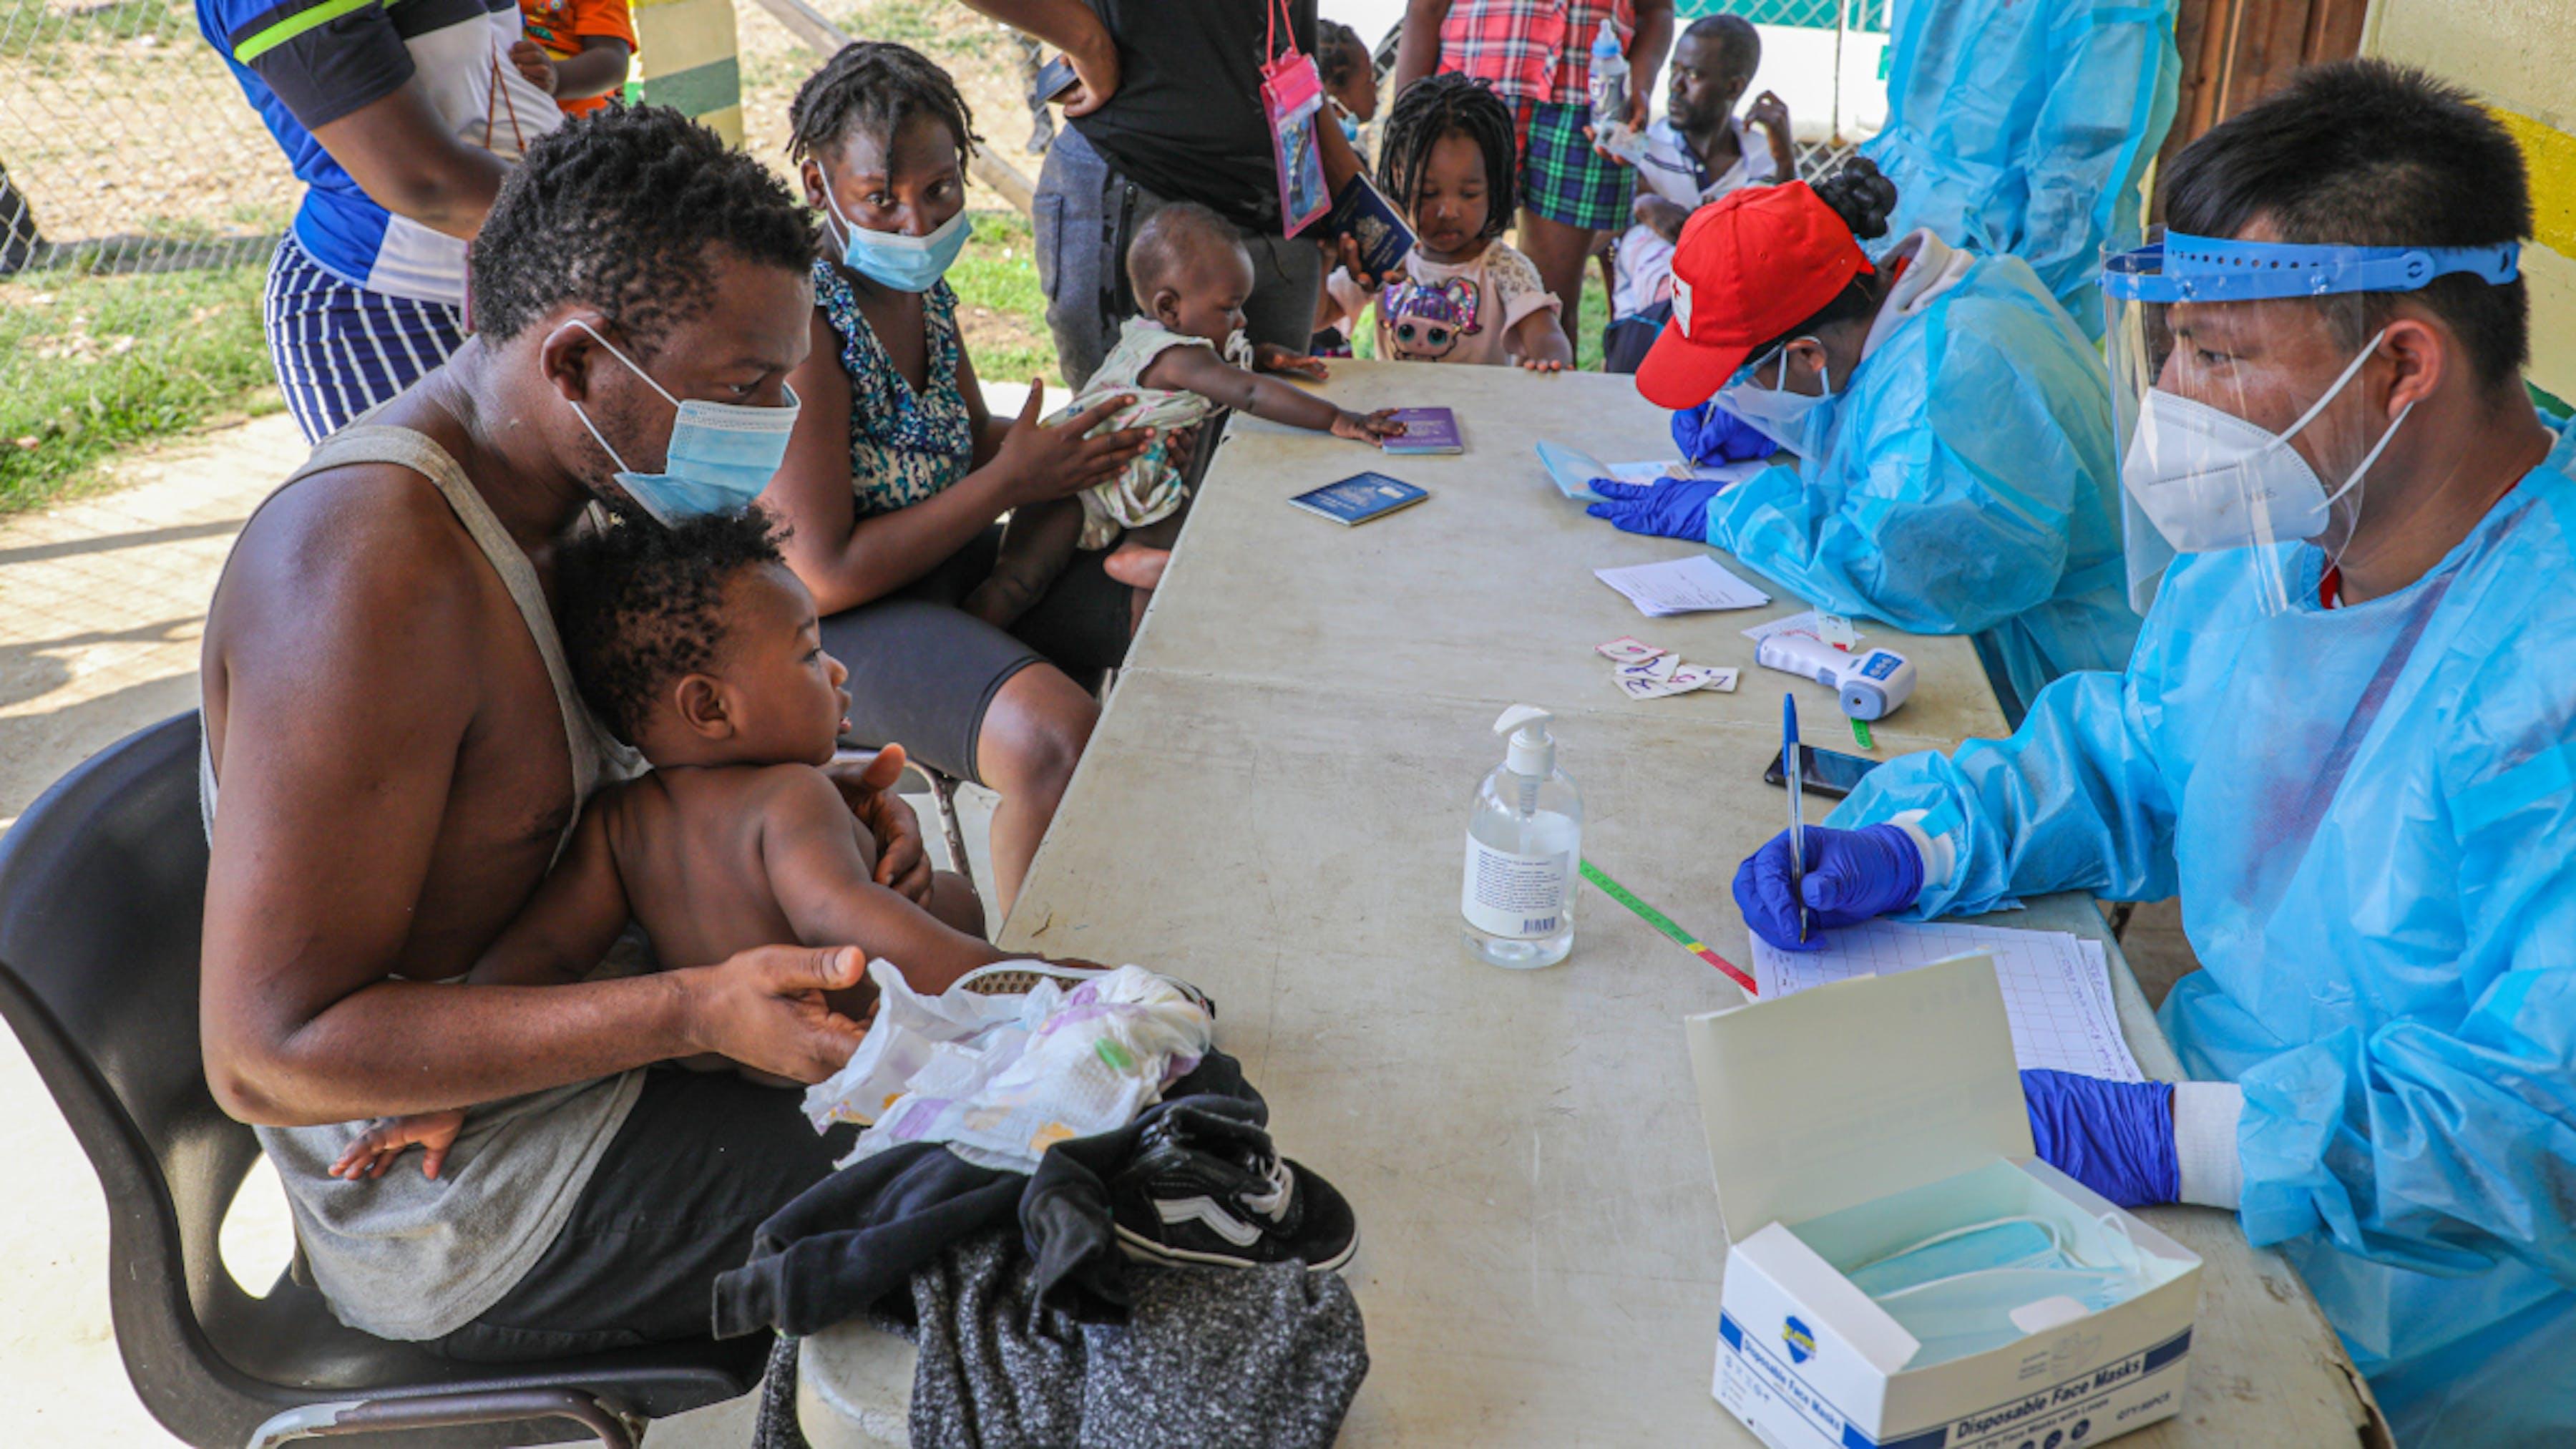 Panama, i migranti appena giunti al centro vengono visitati dagli operatori sanitari